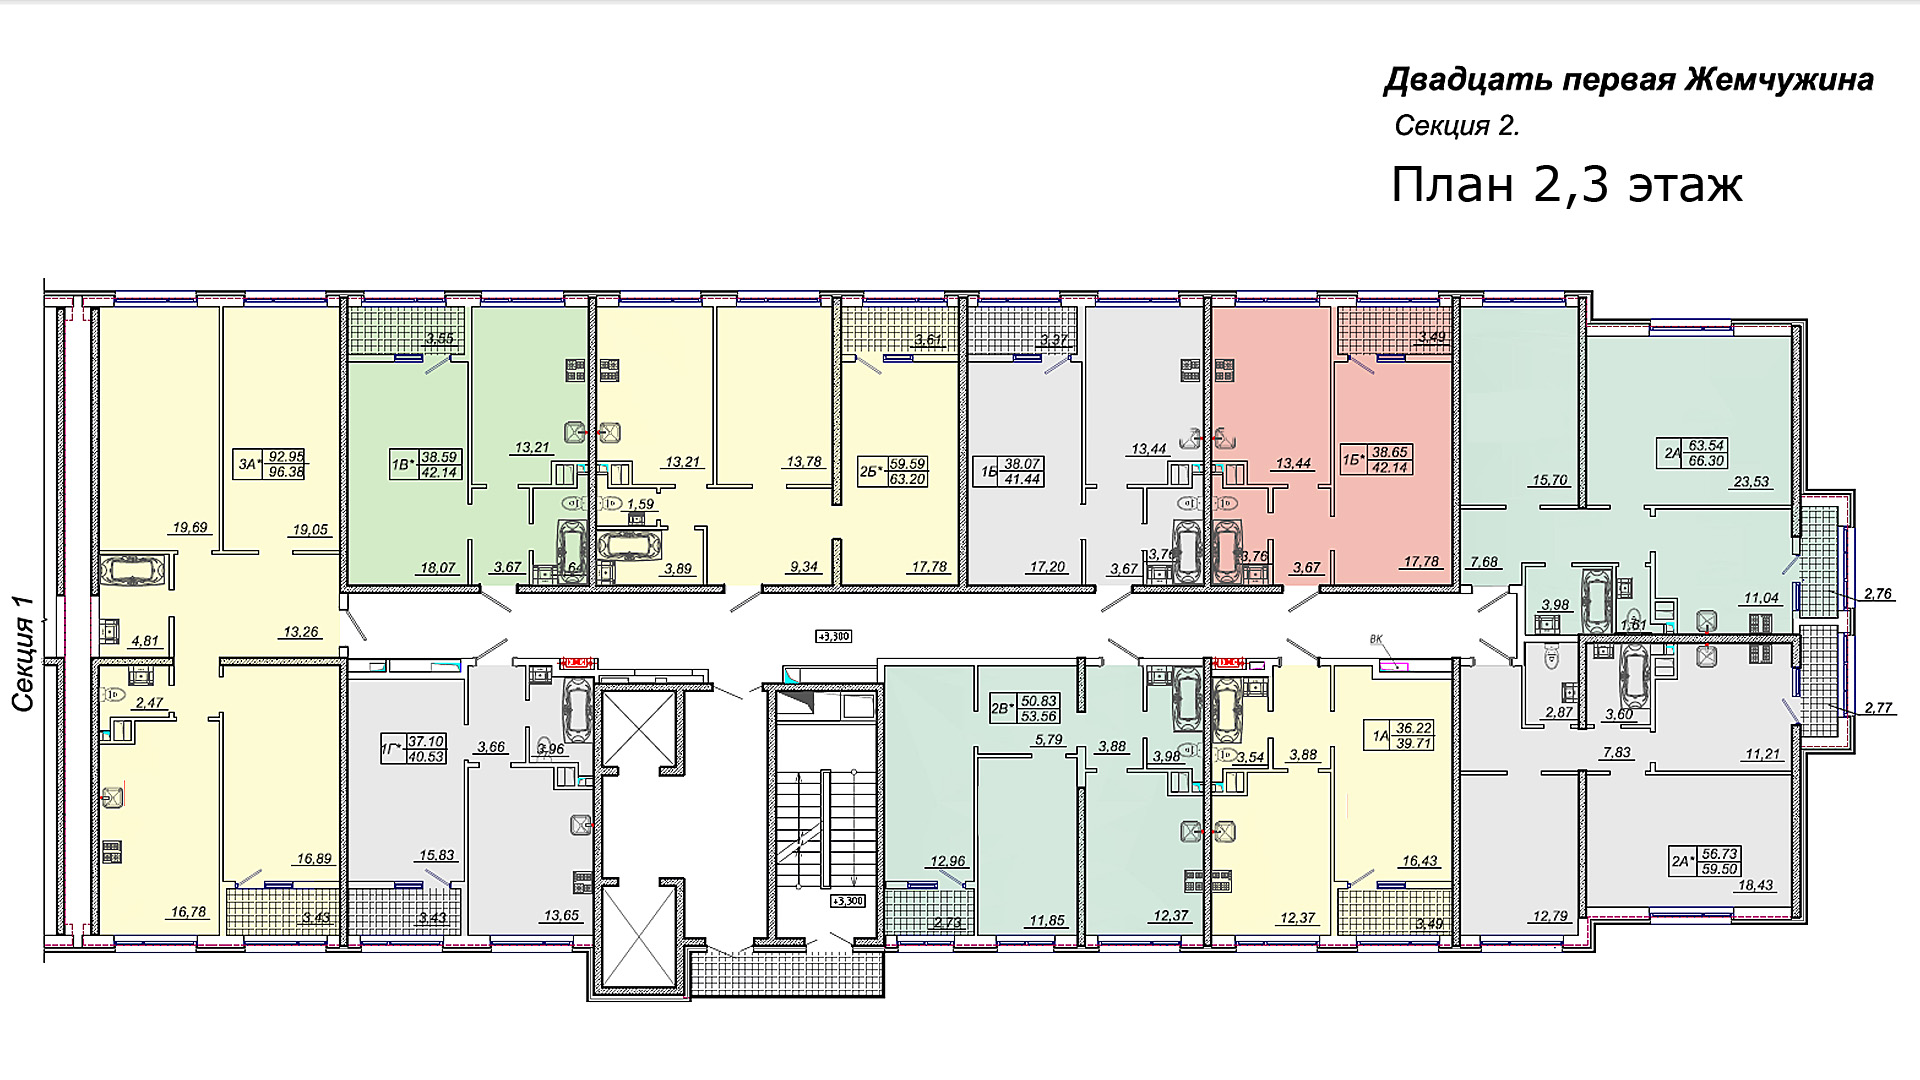 Кадорр, 21 Жемчужина, Планировка секция 2, этаж 2-3